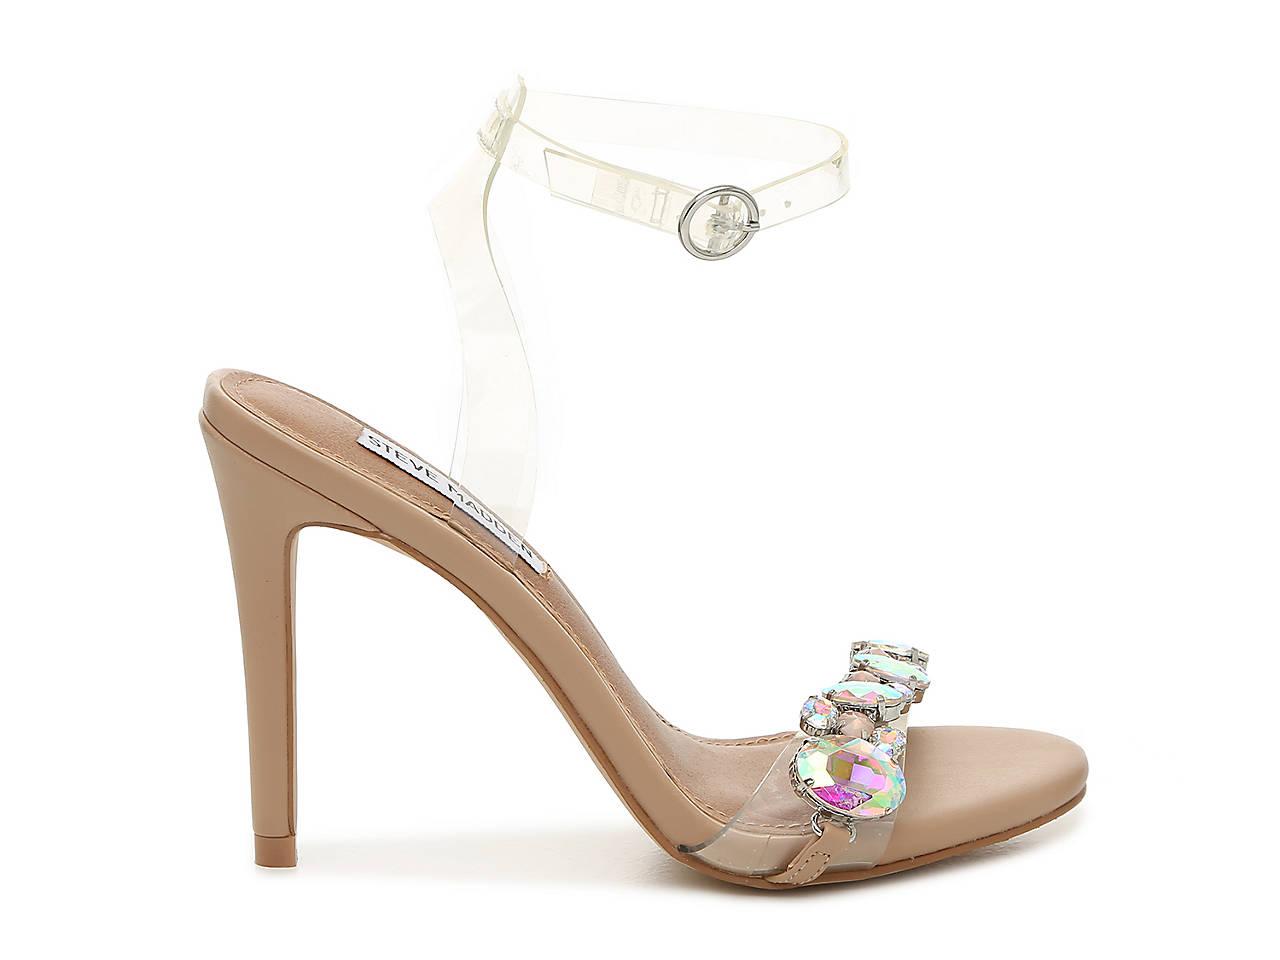 922e421594e Steve Madden Royalle Sandal Women s Shoes